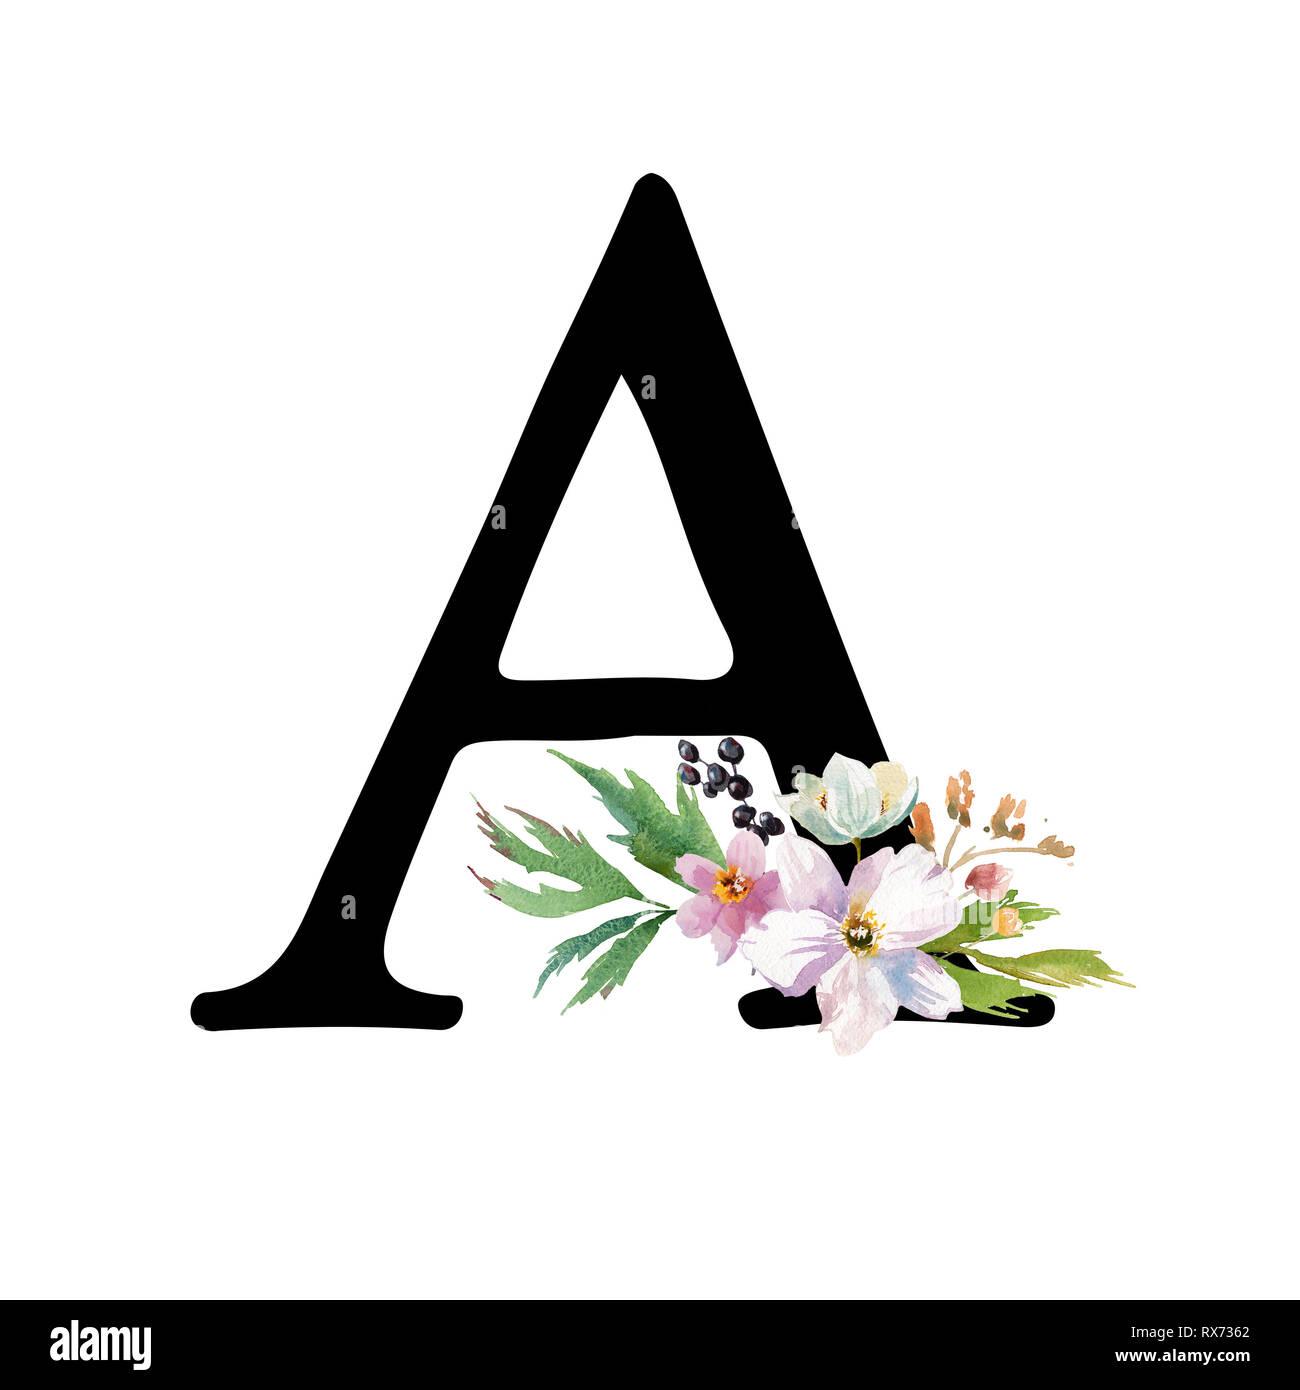 Letra Negra Romántica Una Acuarela Dibujada Con Flores